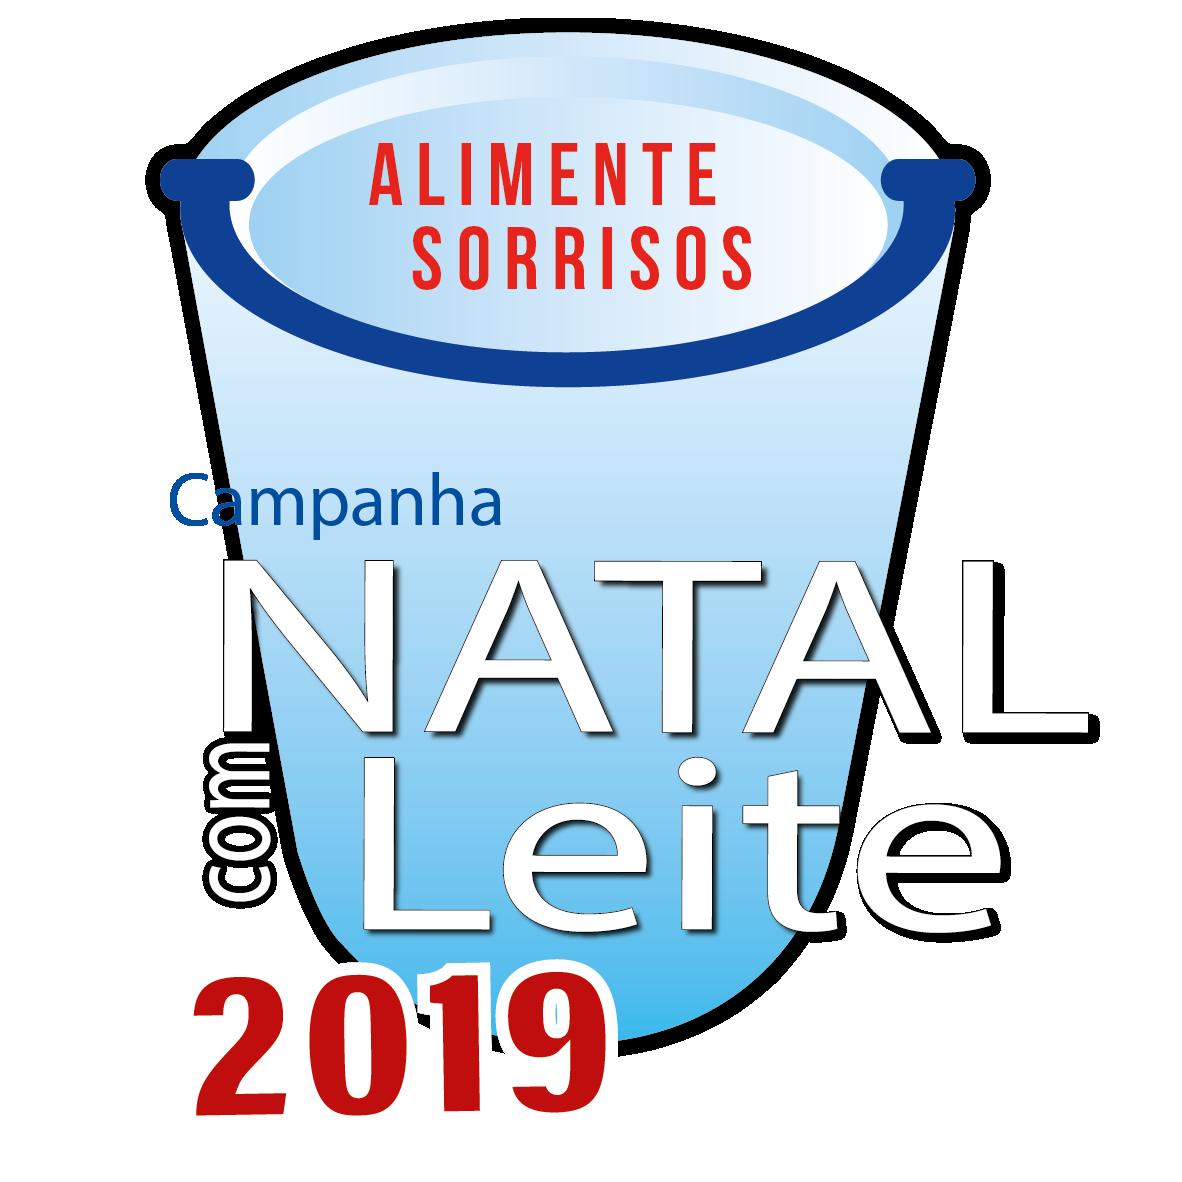 Campanha Natal com Leite 2019 | CRECI-GO/ Conselho Regional de Corretores de Imóveis de Goiás